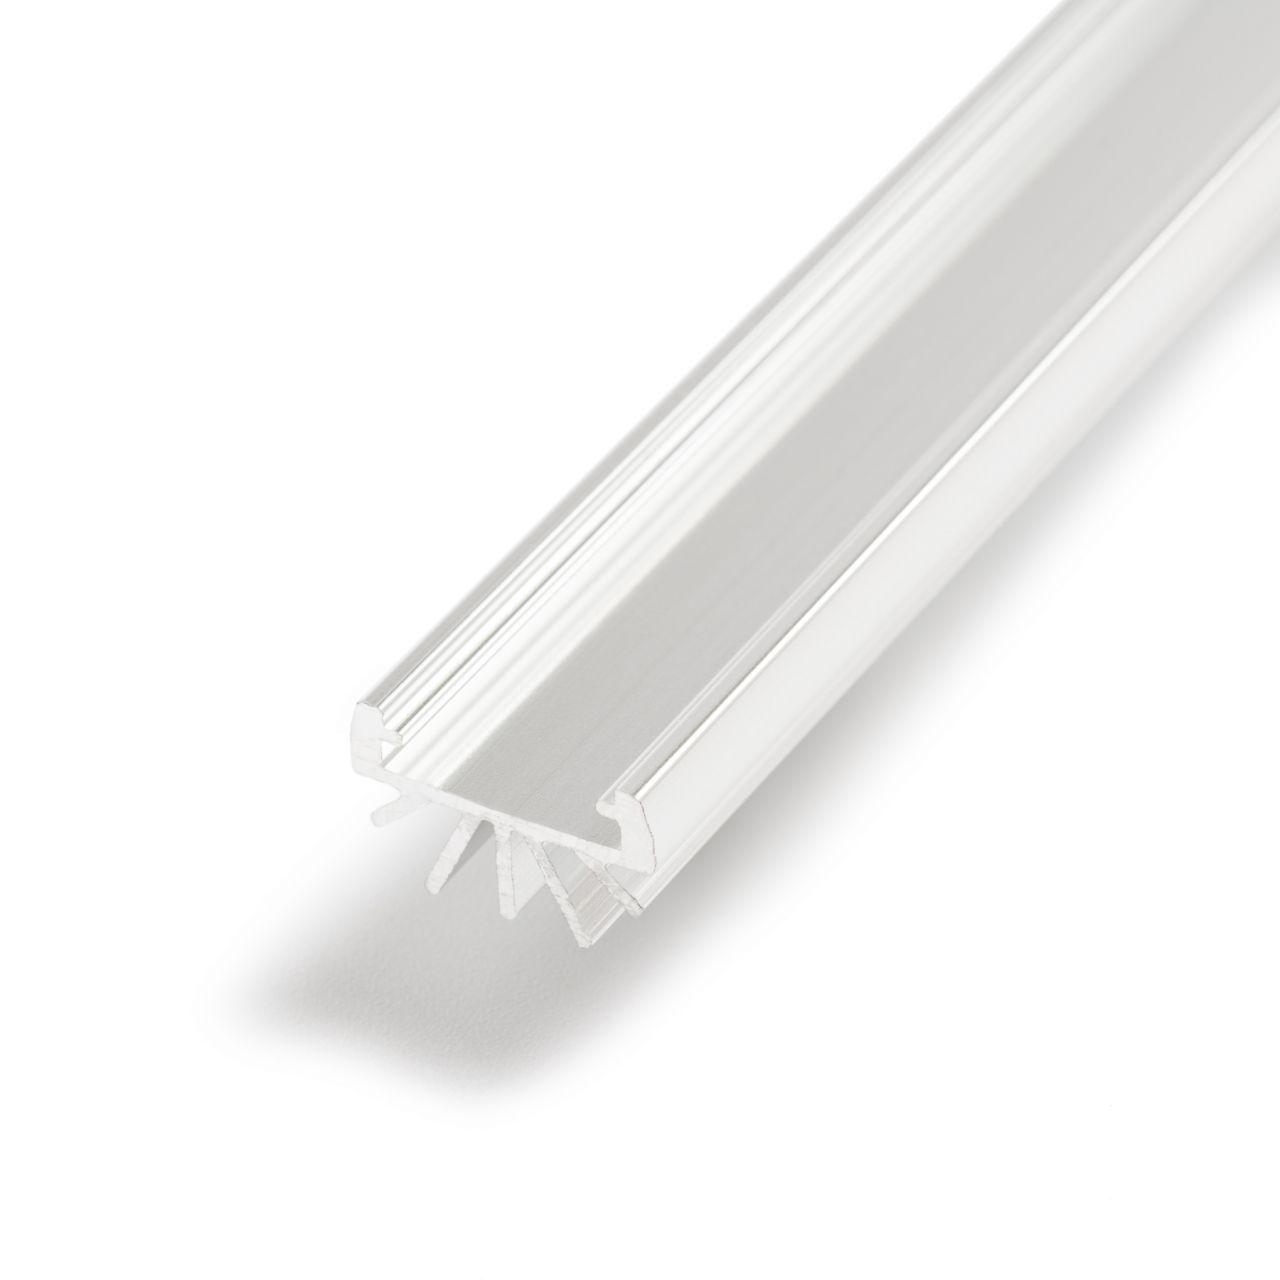 Aluminium LED Rund Profil, ohne Abdeckung, 16 mm